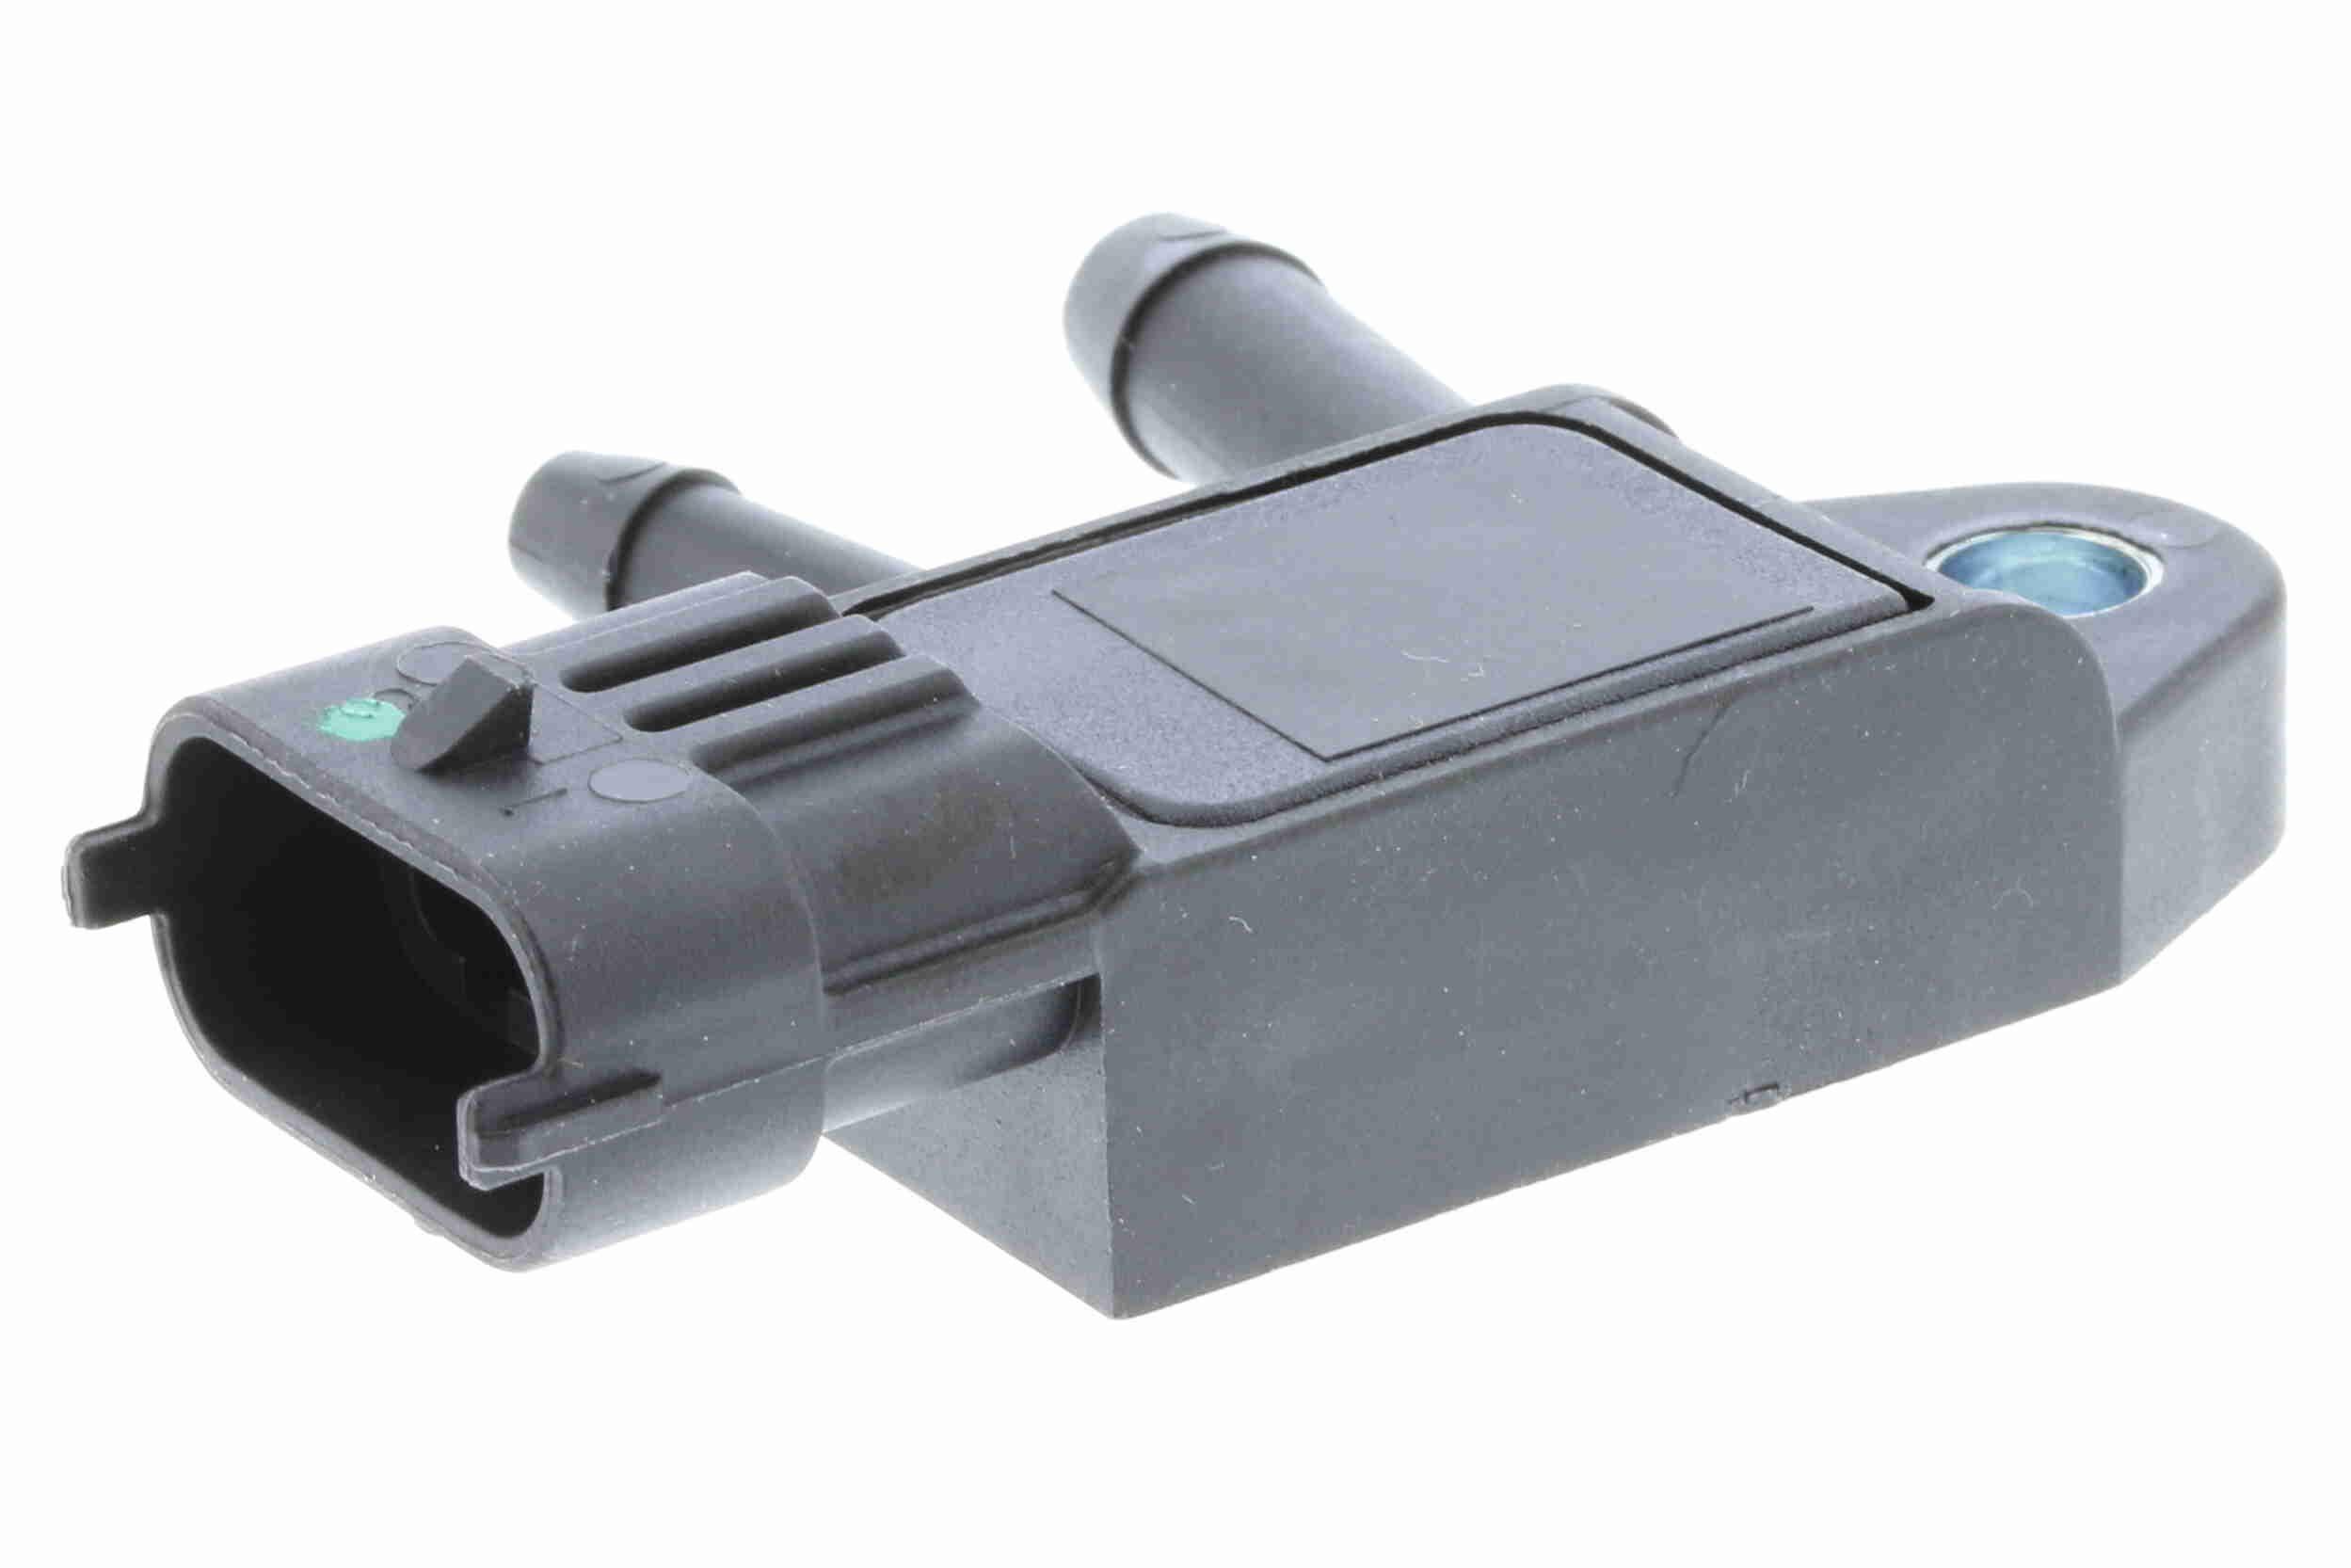 V38-72-0126 VEMO Steuergerät/Software muss angelernt/upgedatet werden, Original VEMO Qualität Pol-Anzahl: 3-polig Sensor, Abgasdruck V38-72-0126 günstig kaufen